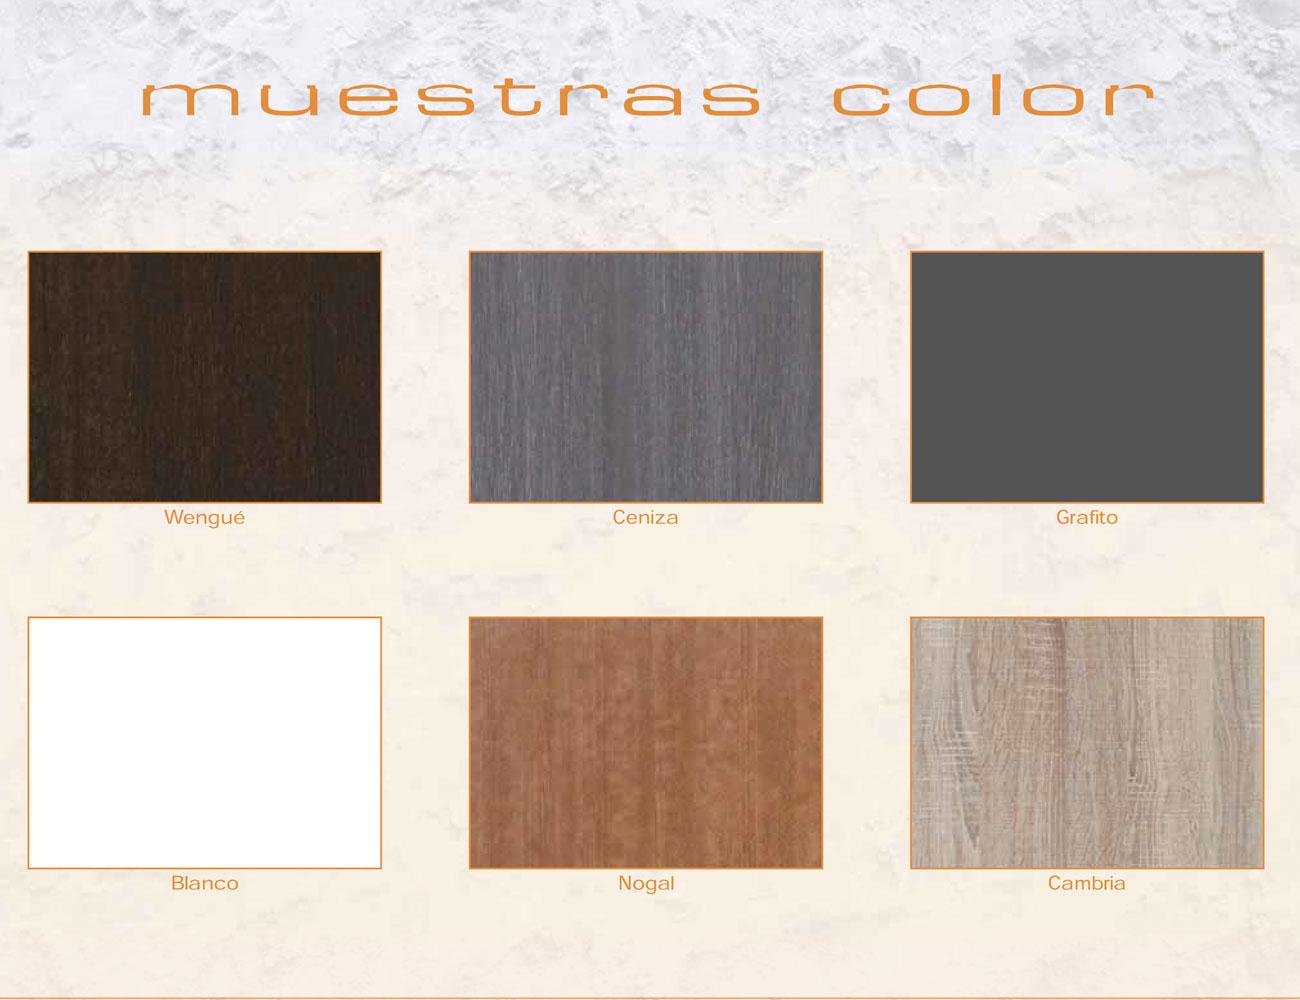 Muestras color muebles expo15